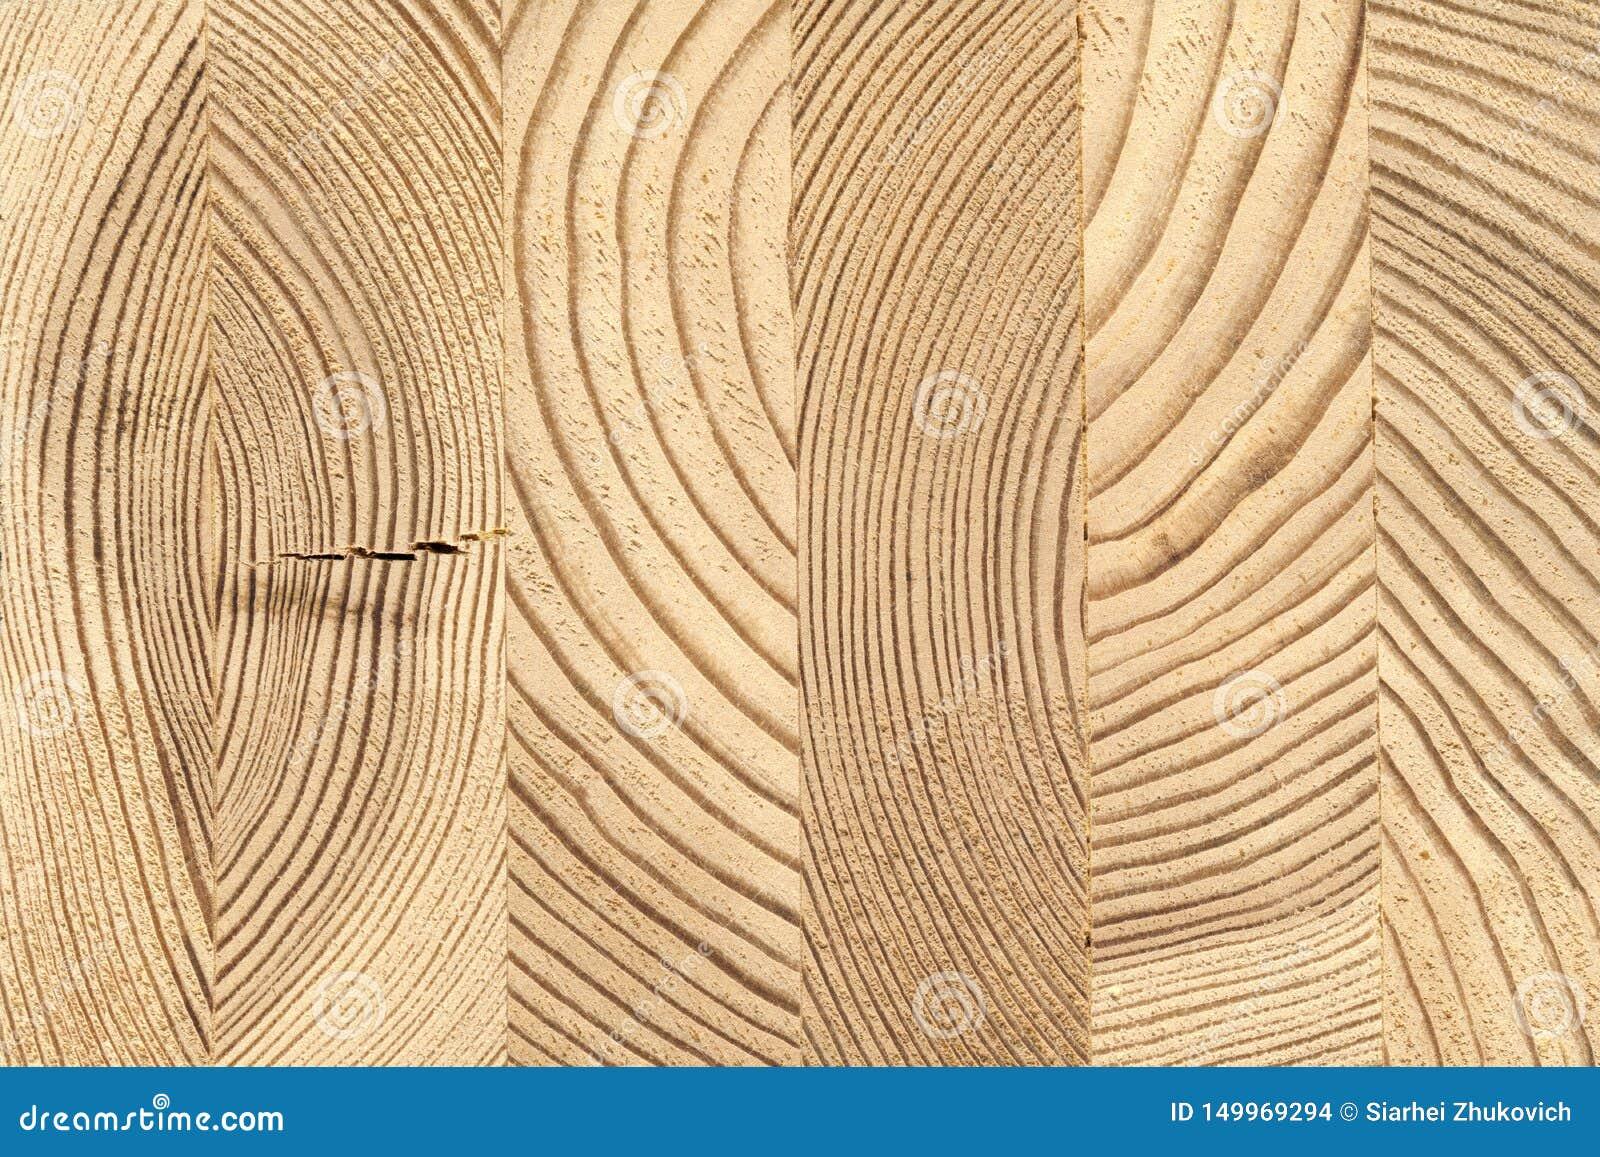 Seção transversal da madeira de madeira colada do pinho